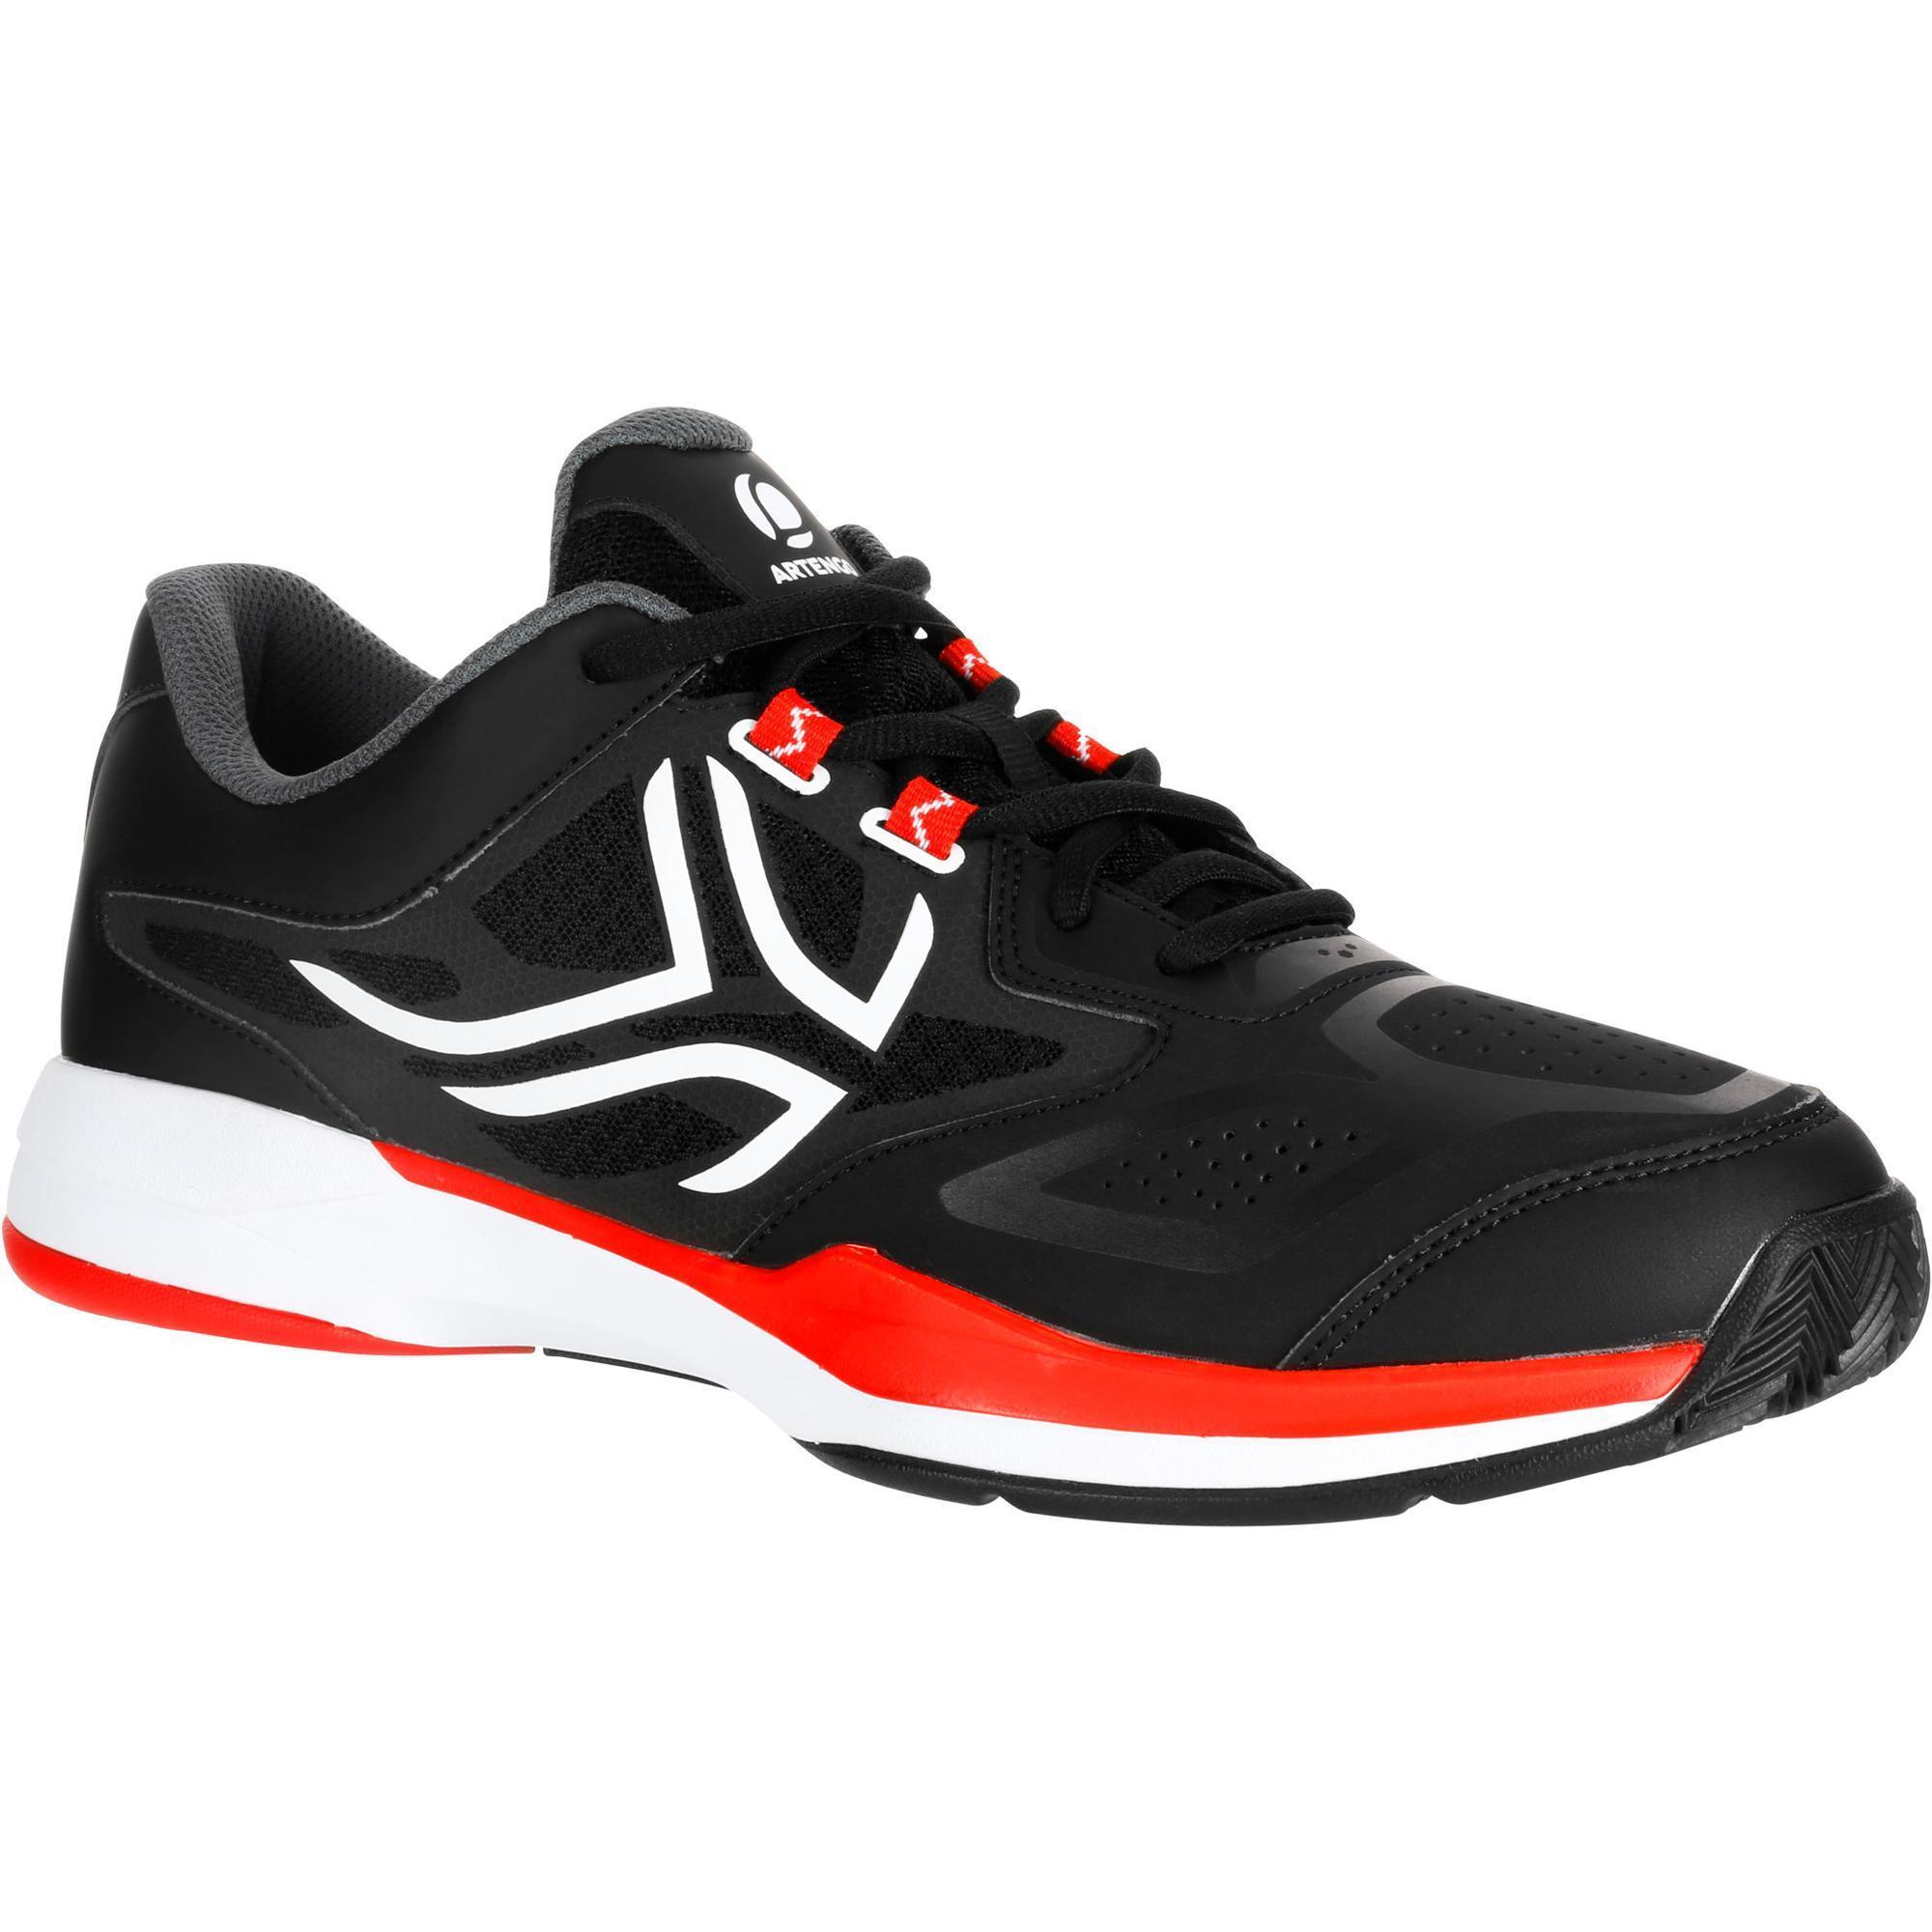 Artengo Tennisschoenen voor heren Artengo TS560 zwart rood gravel